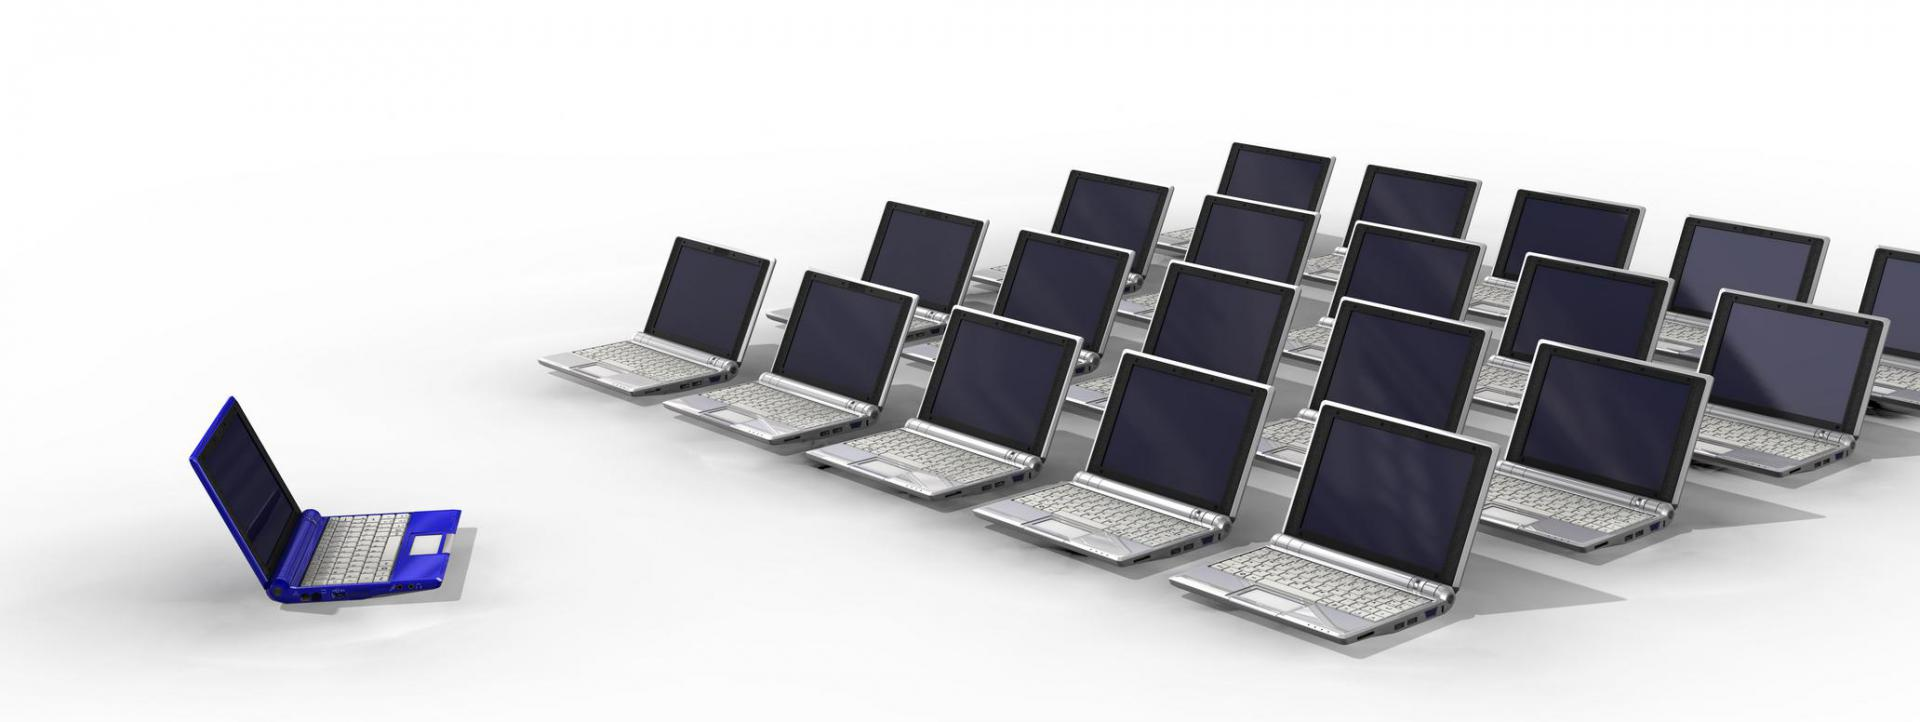 Mehrere Laptops wie in einer Schulklasse angeordnet